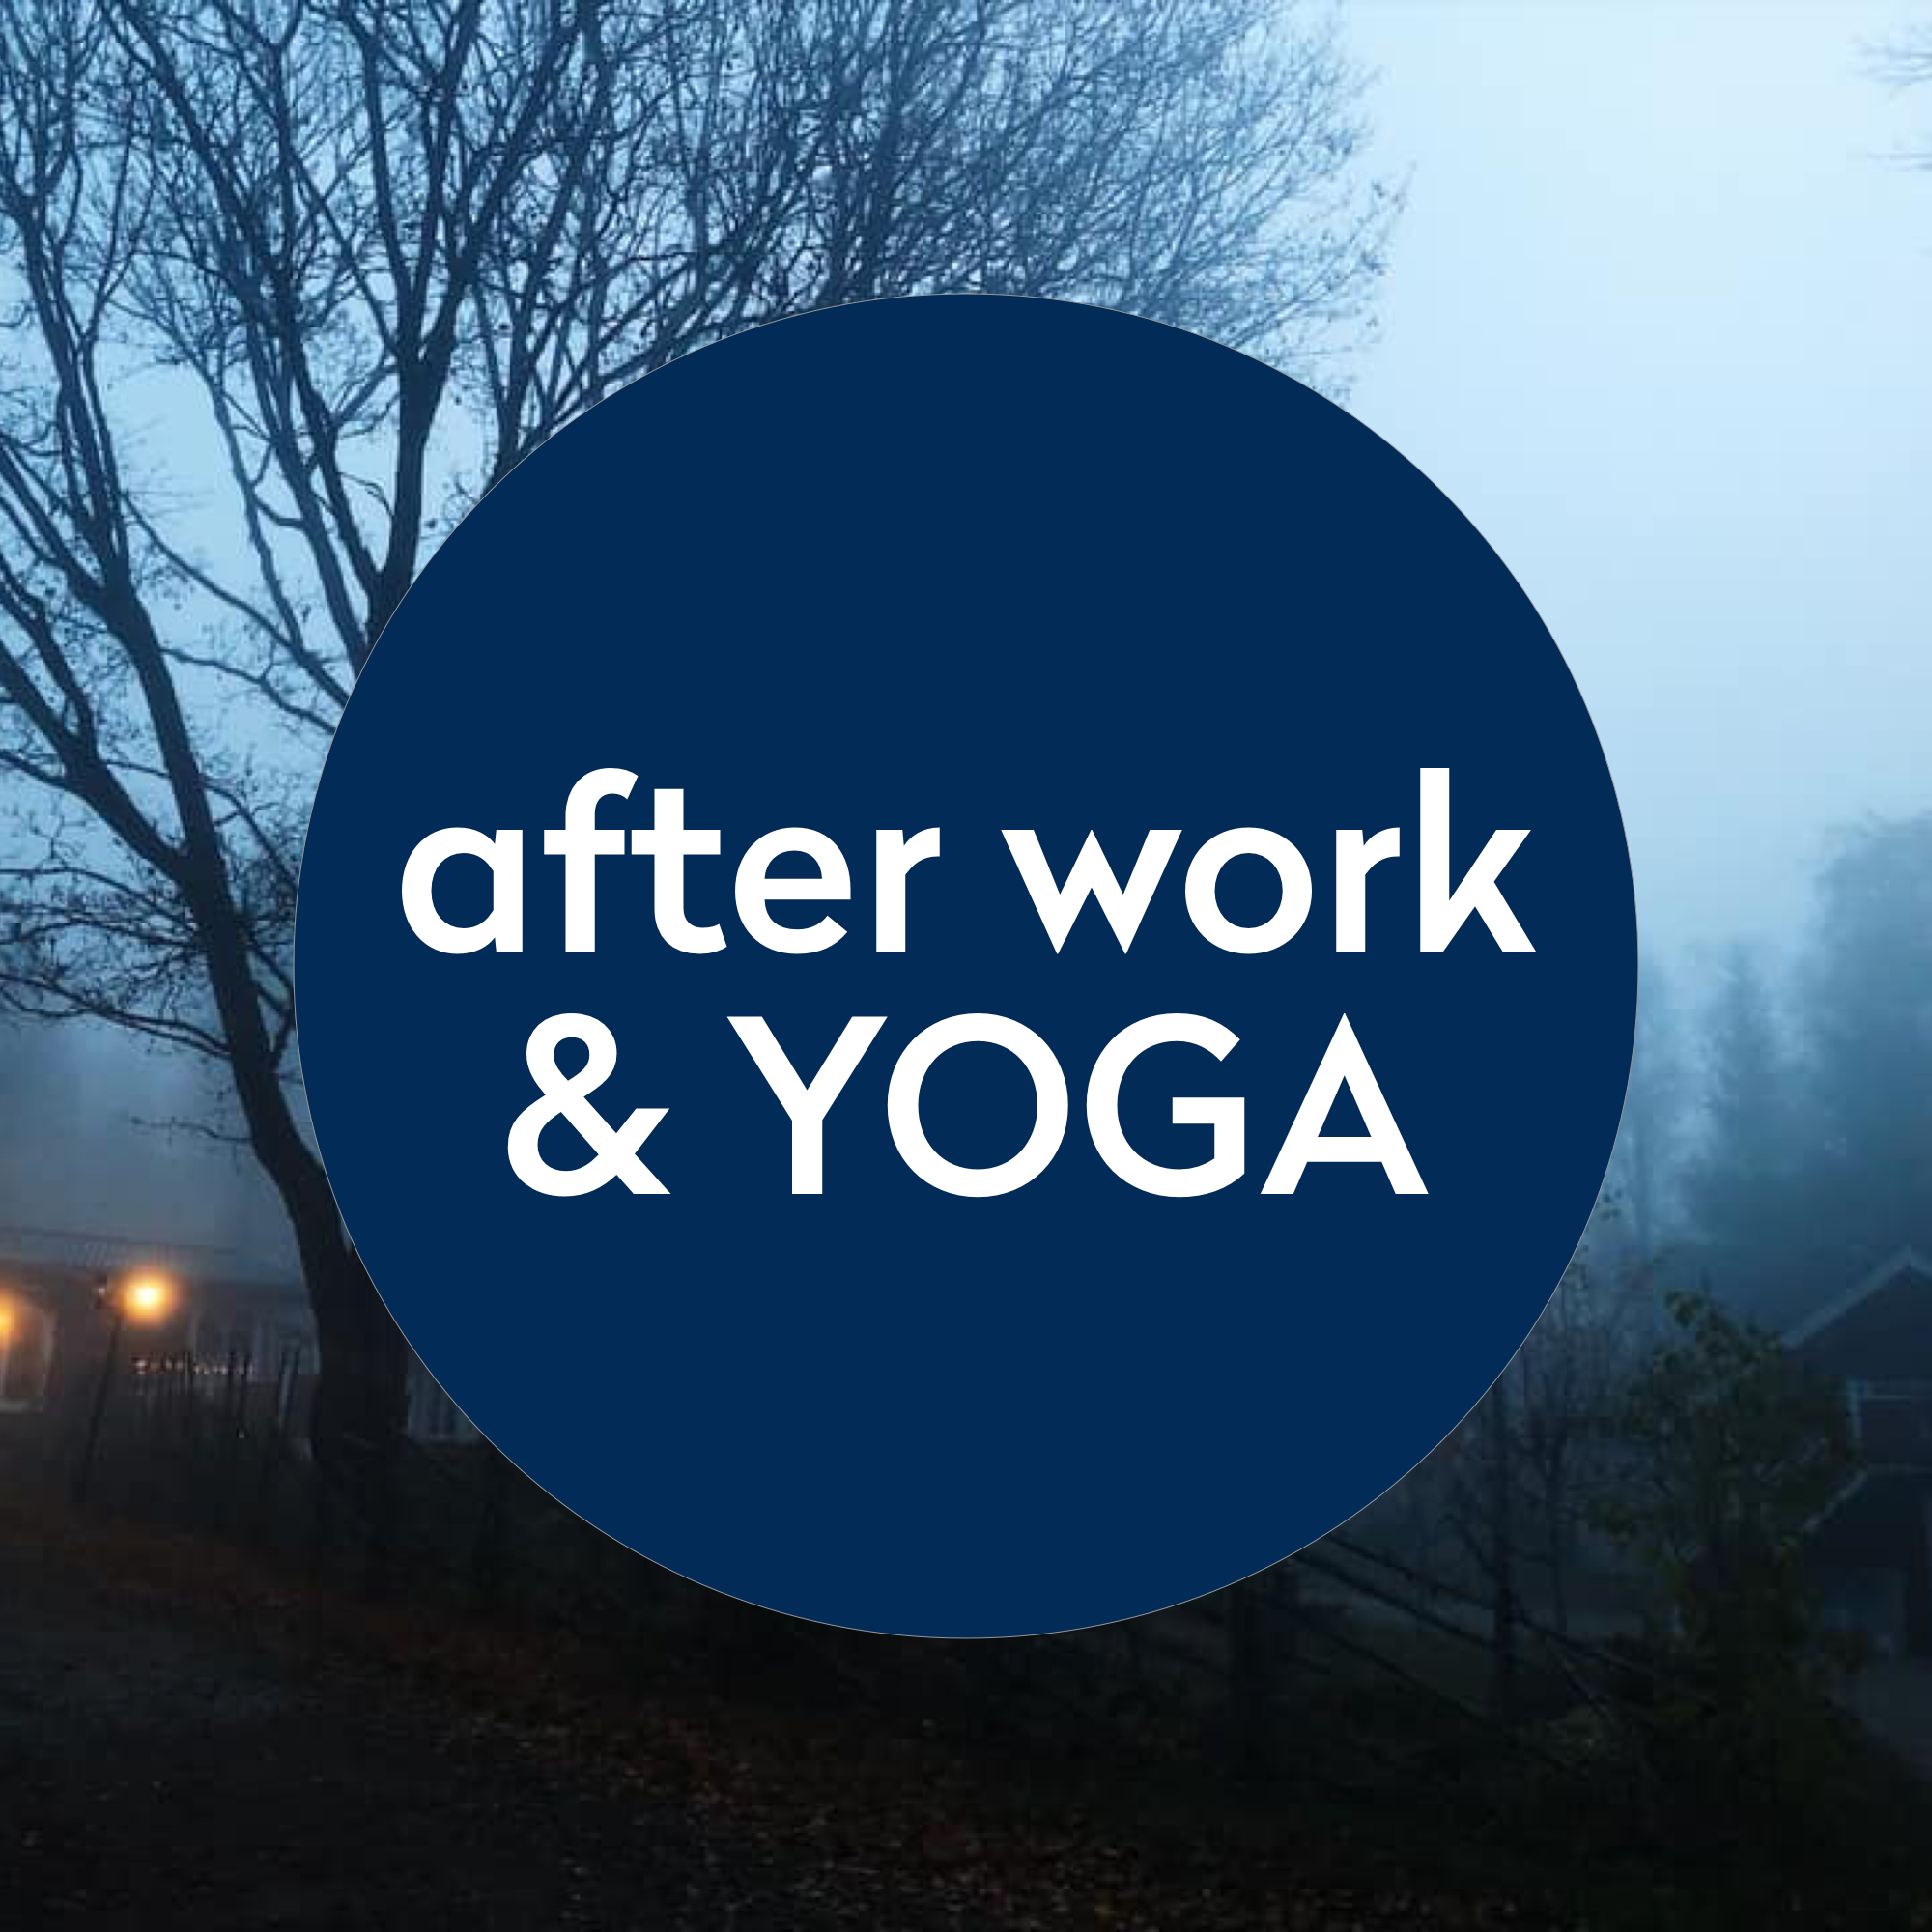 Afterwork & yoga - Fredagen den 9 november bjuder vi in 20 glada för en avslappnande yinyogaklass som sedan avrundas med en vegetarisk tacobuffé.Tid: 18.30-21.00Pris: 275 SEKBe happy - do yoga & eat taco!